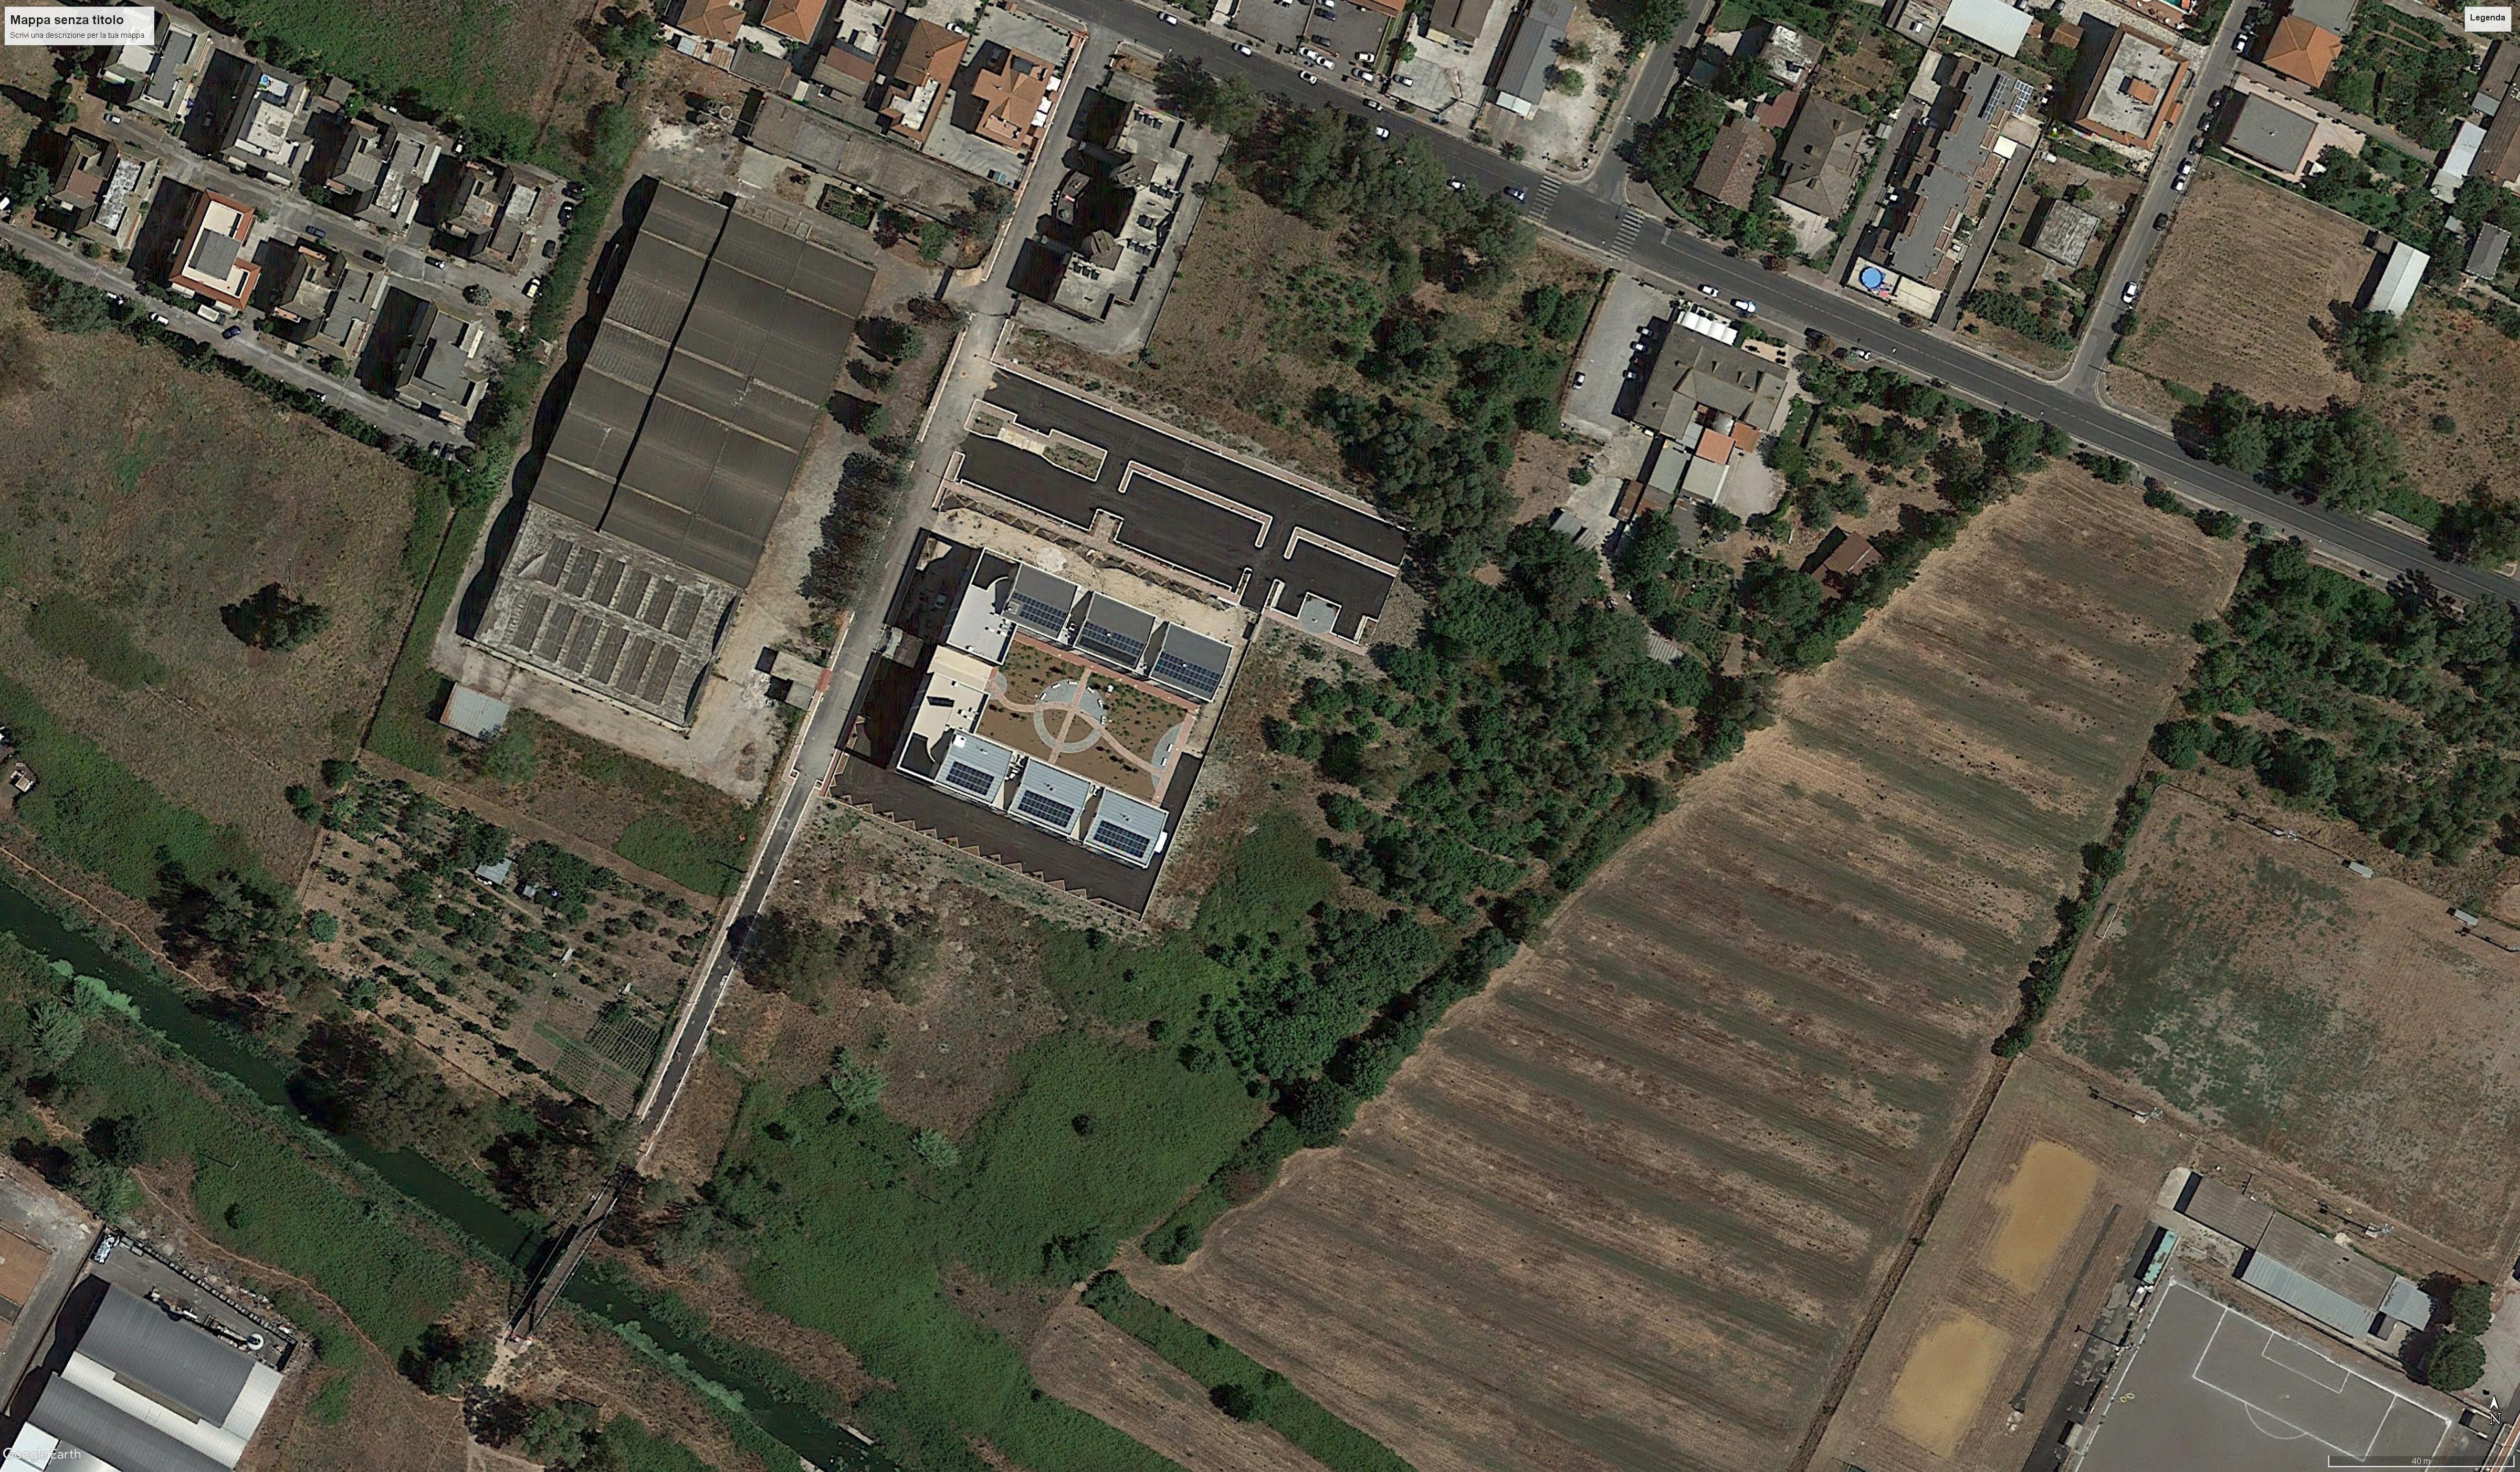 L'area dove dovrebbe nascere il parco di Porta Nord